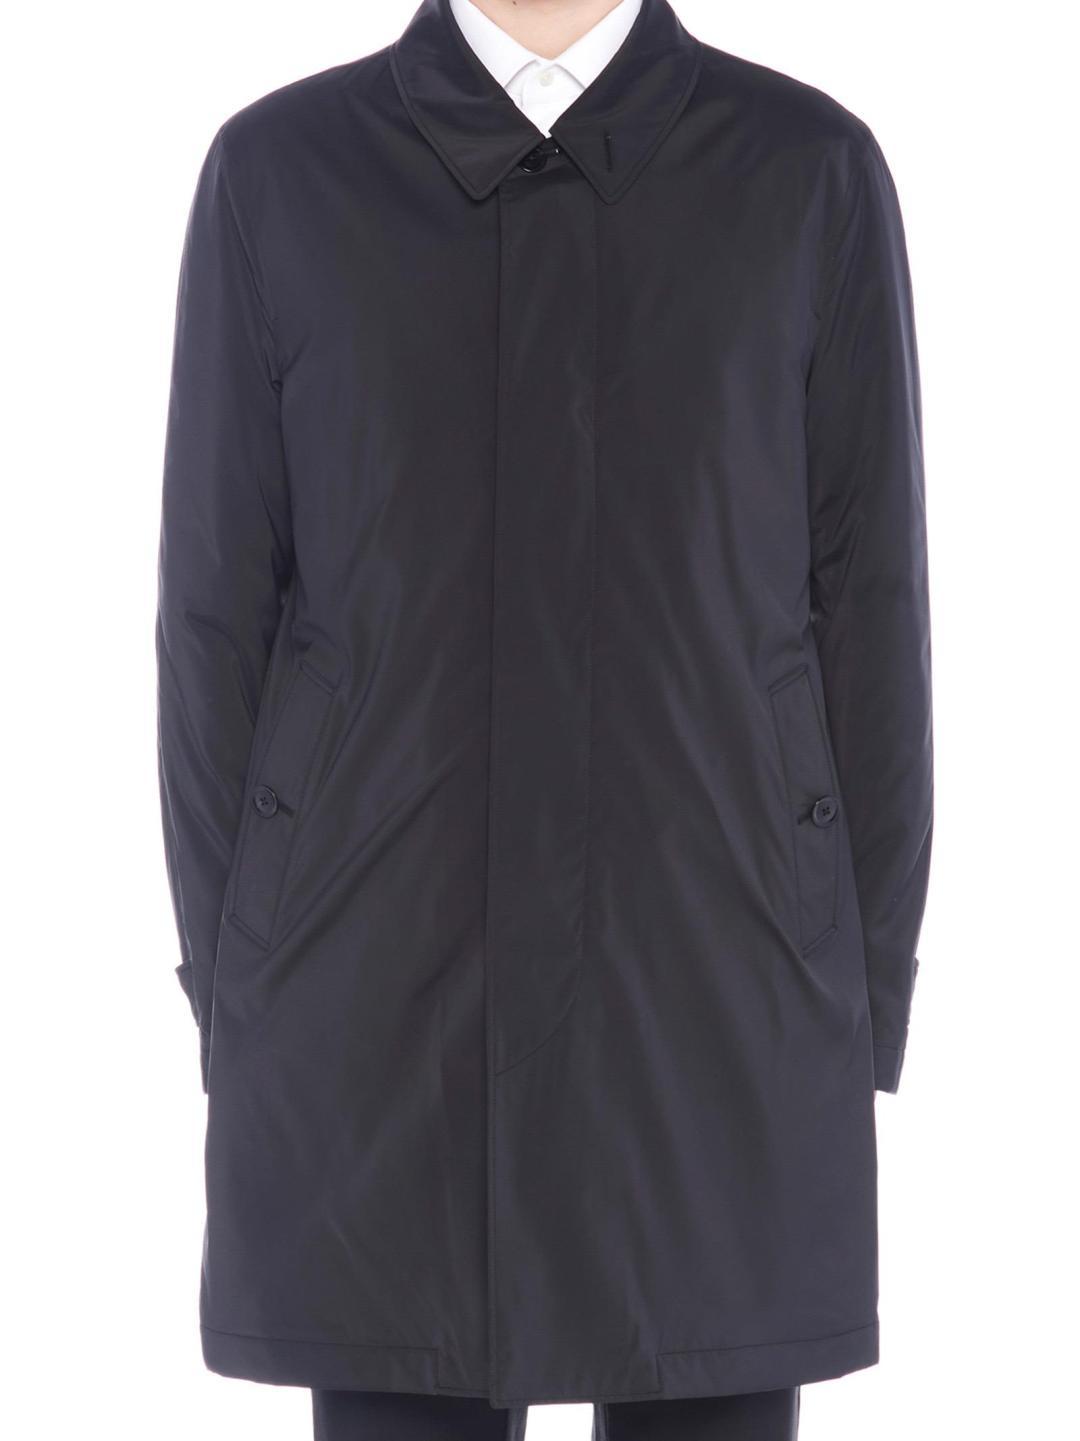 39628f161 Tom Ford Draped Dress – Italist.com US – $2,368.99 – Tom Ford Coat –  Italist.com US – $2,359.12